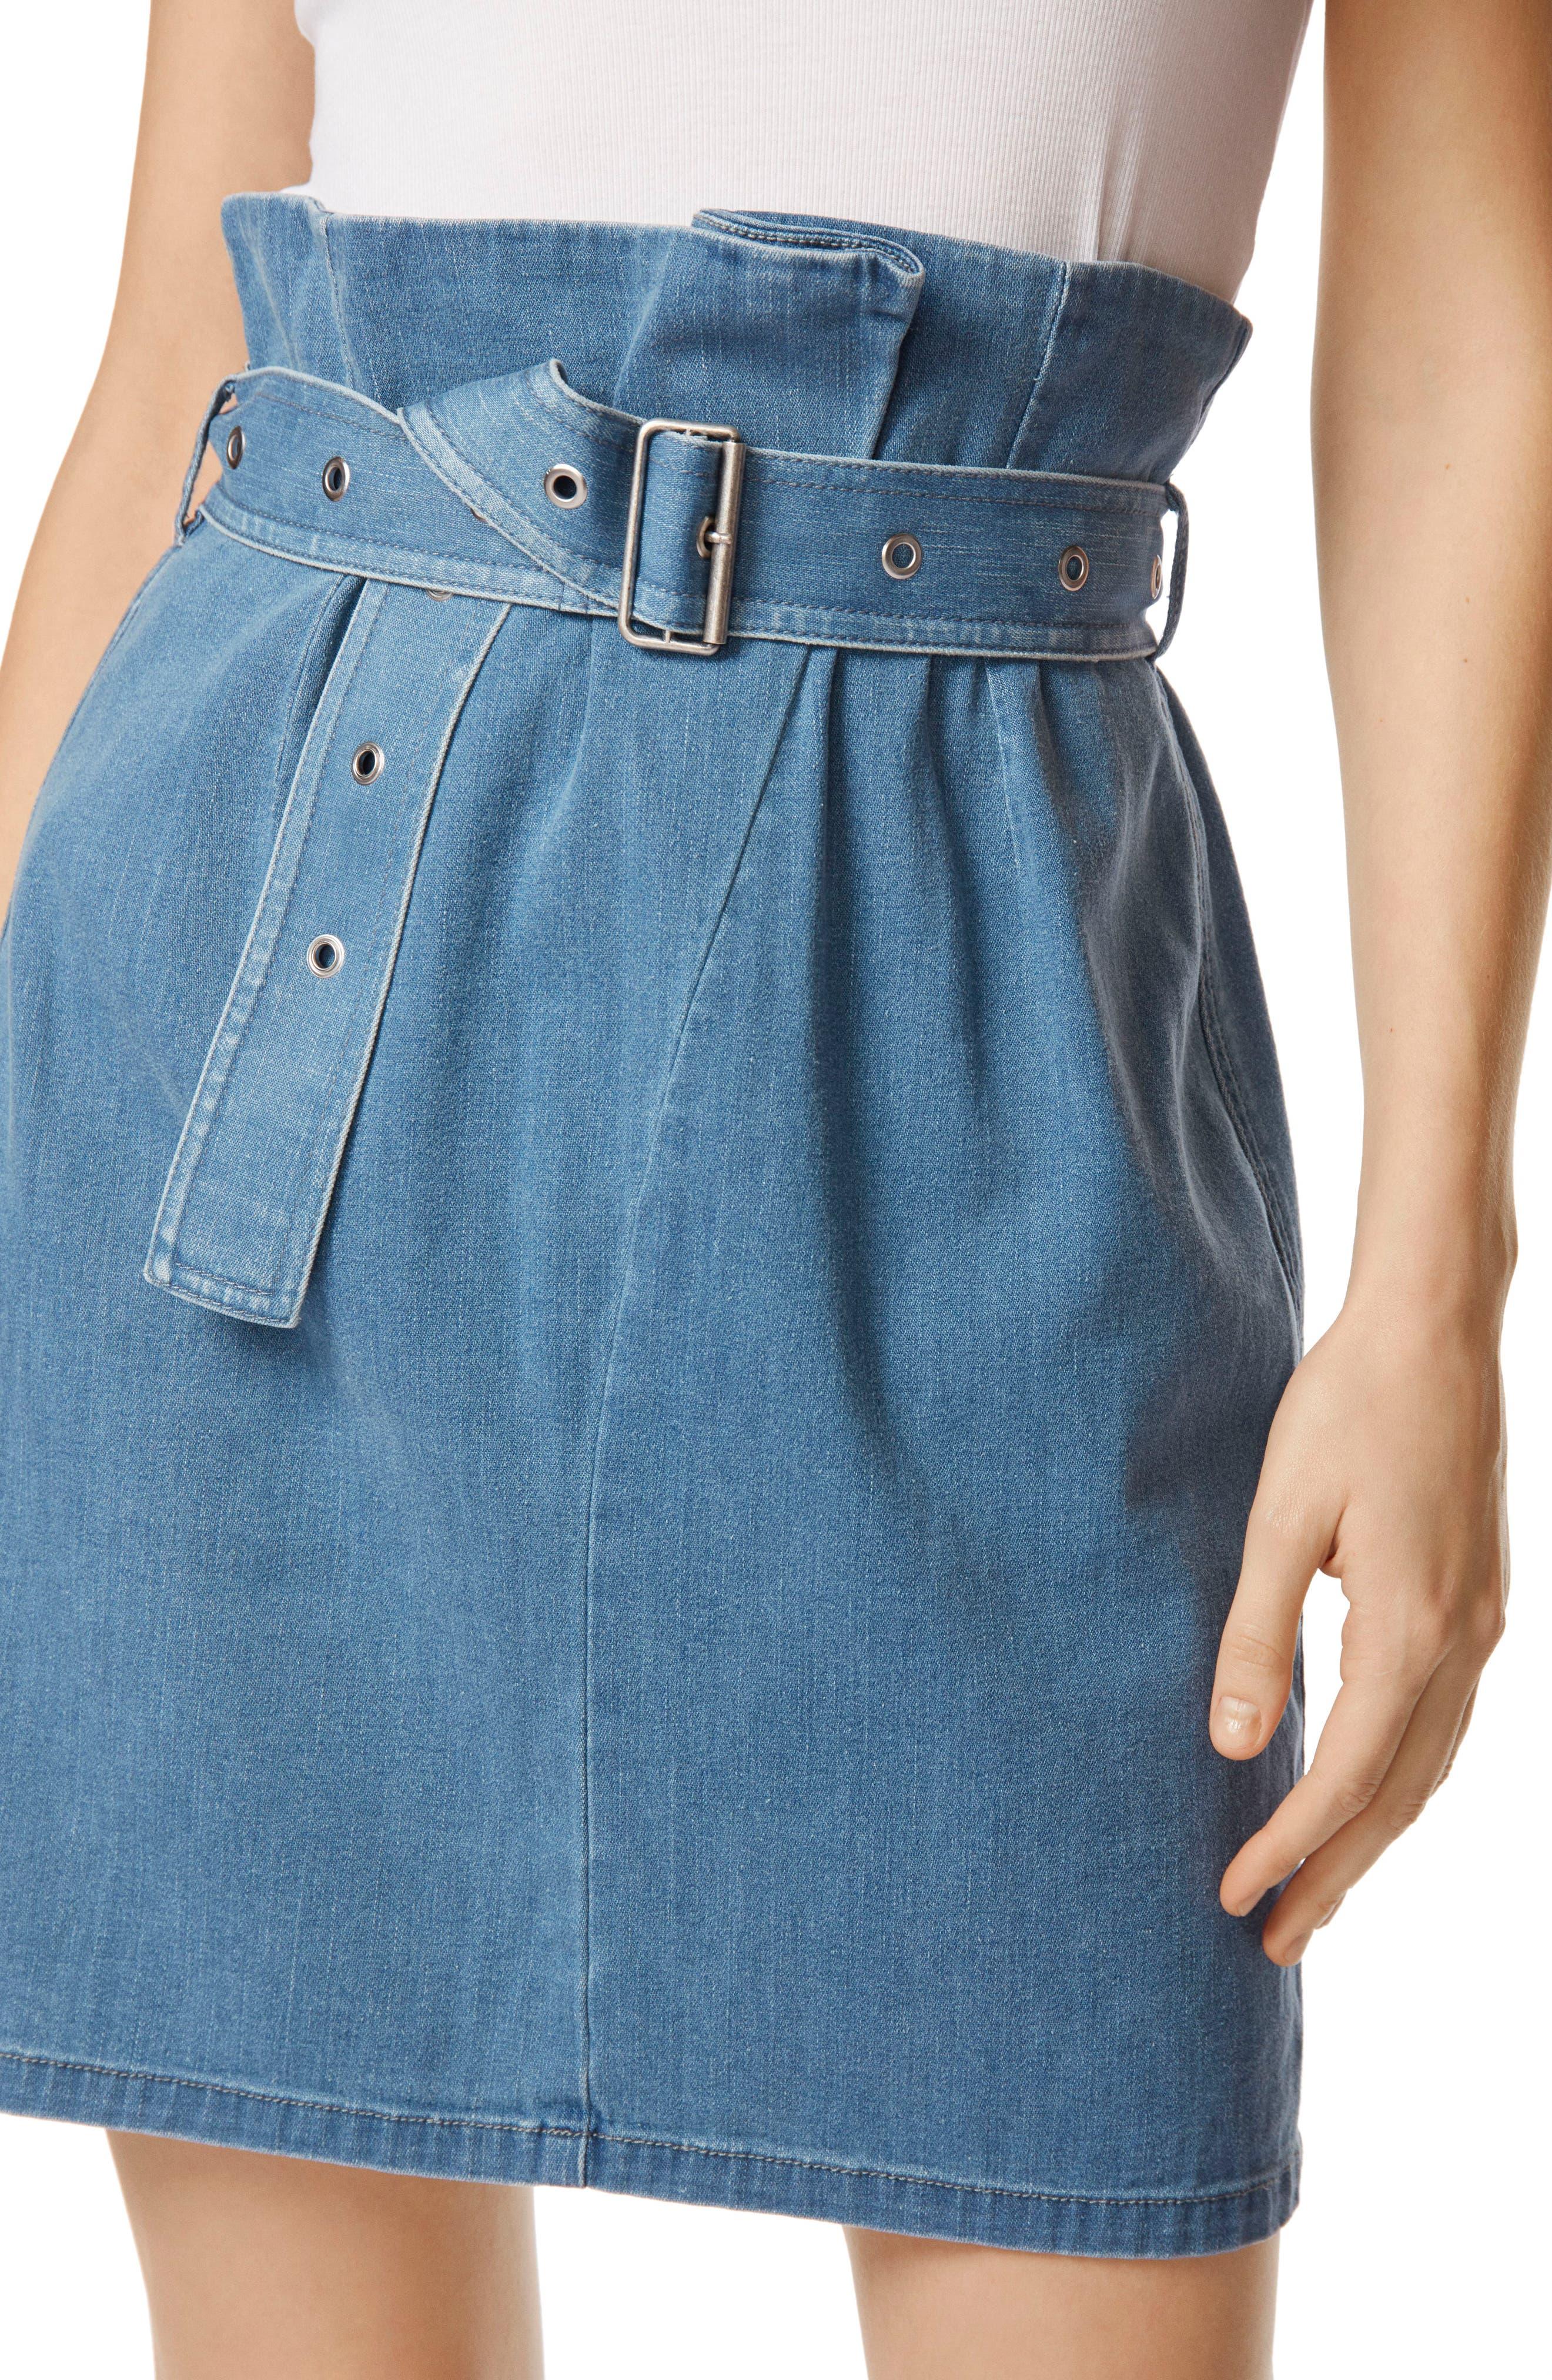 Tranquil Pleat Front Denim Skirt,                             Alternate thumbnail 4, color,                             Heavenly